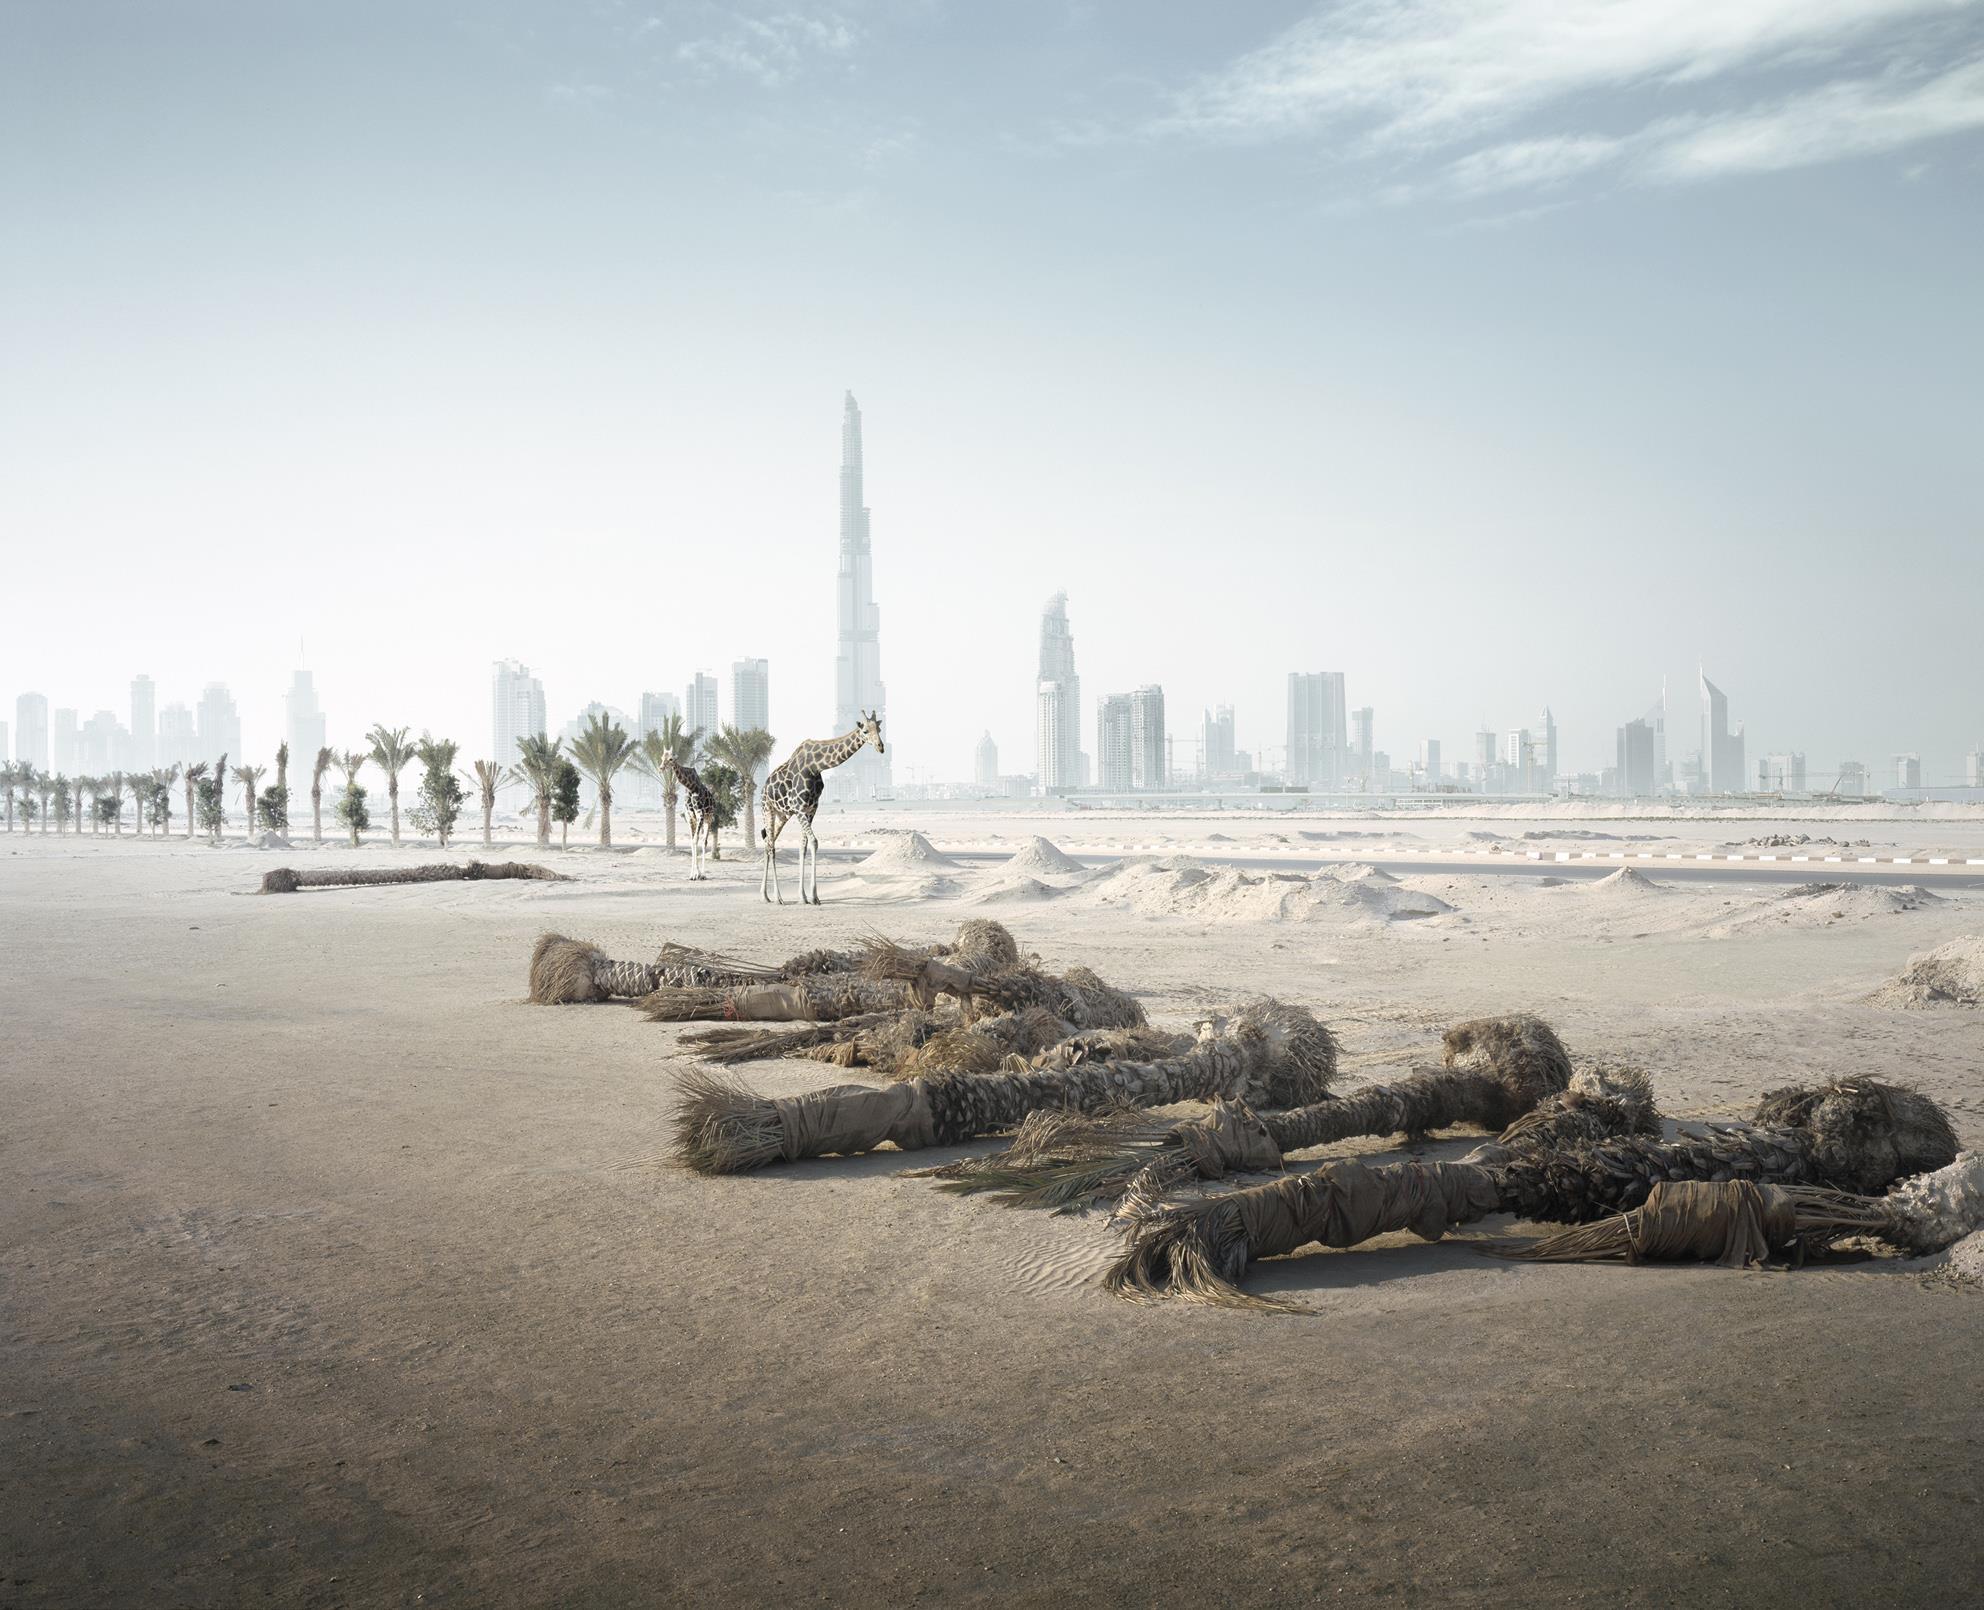 """Fnac participa en Getxophoto con la exposición """"Abandoned"""", de Richard Allenby-Pratt"""